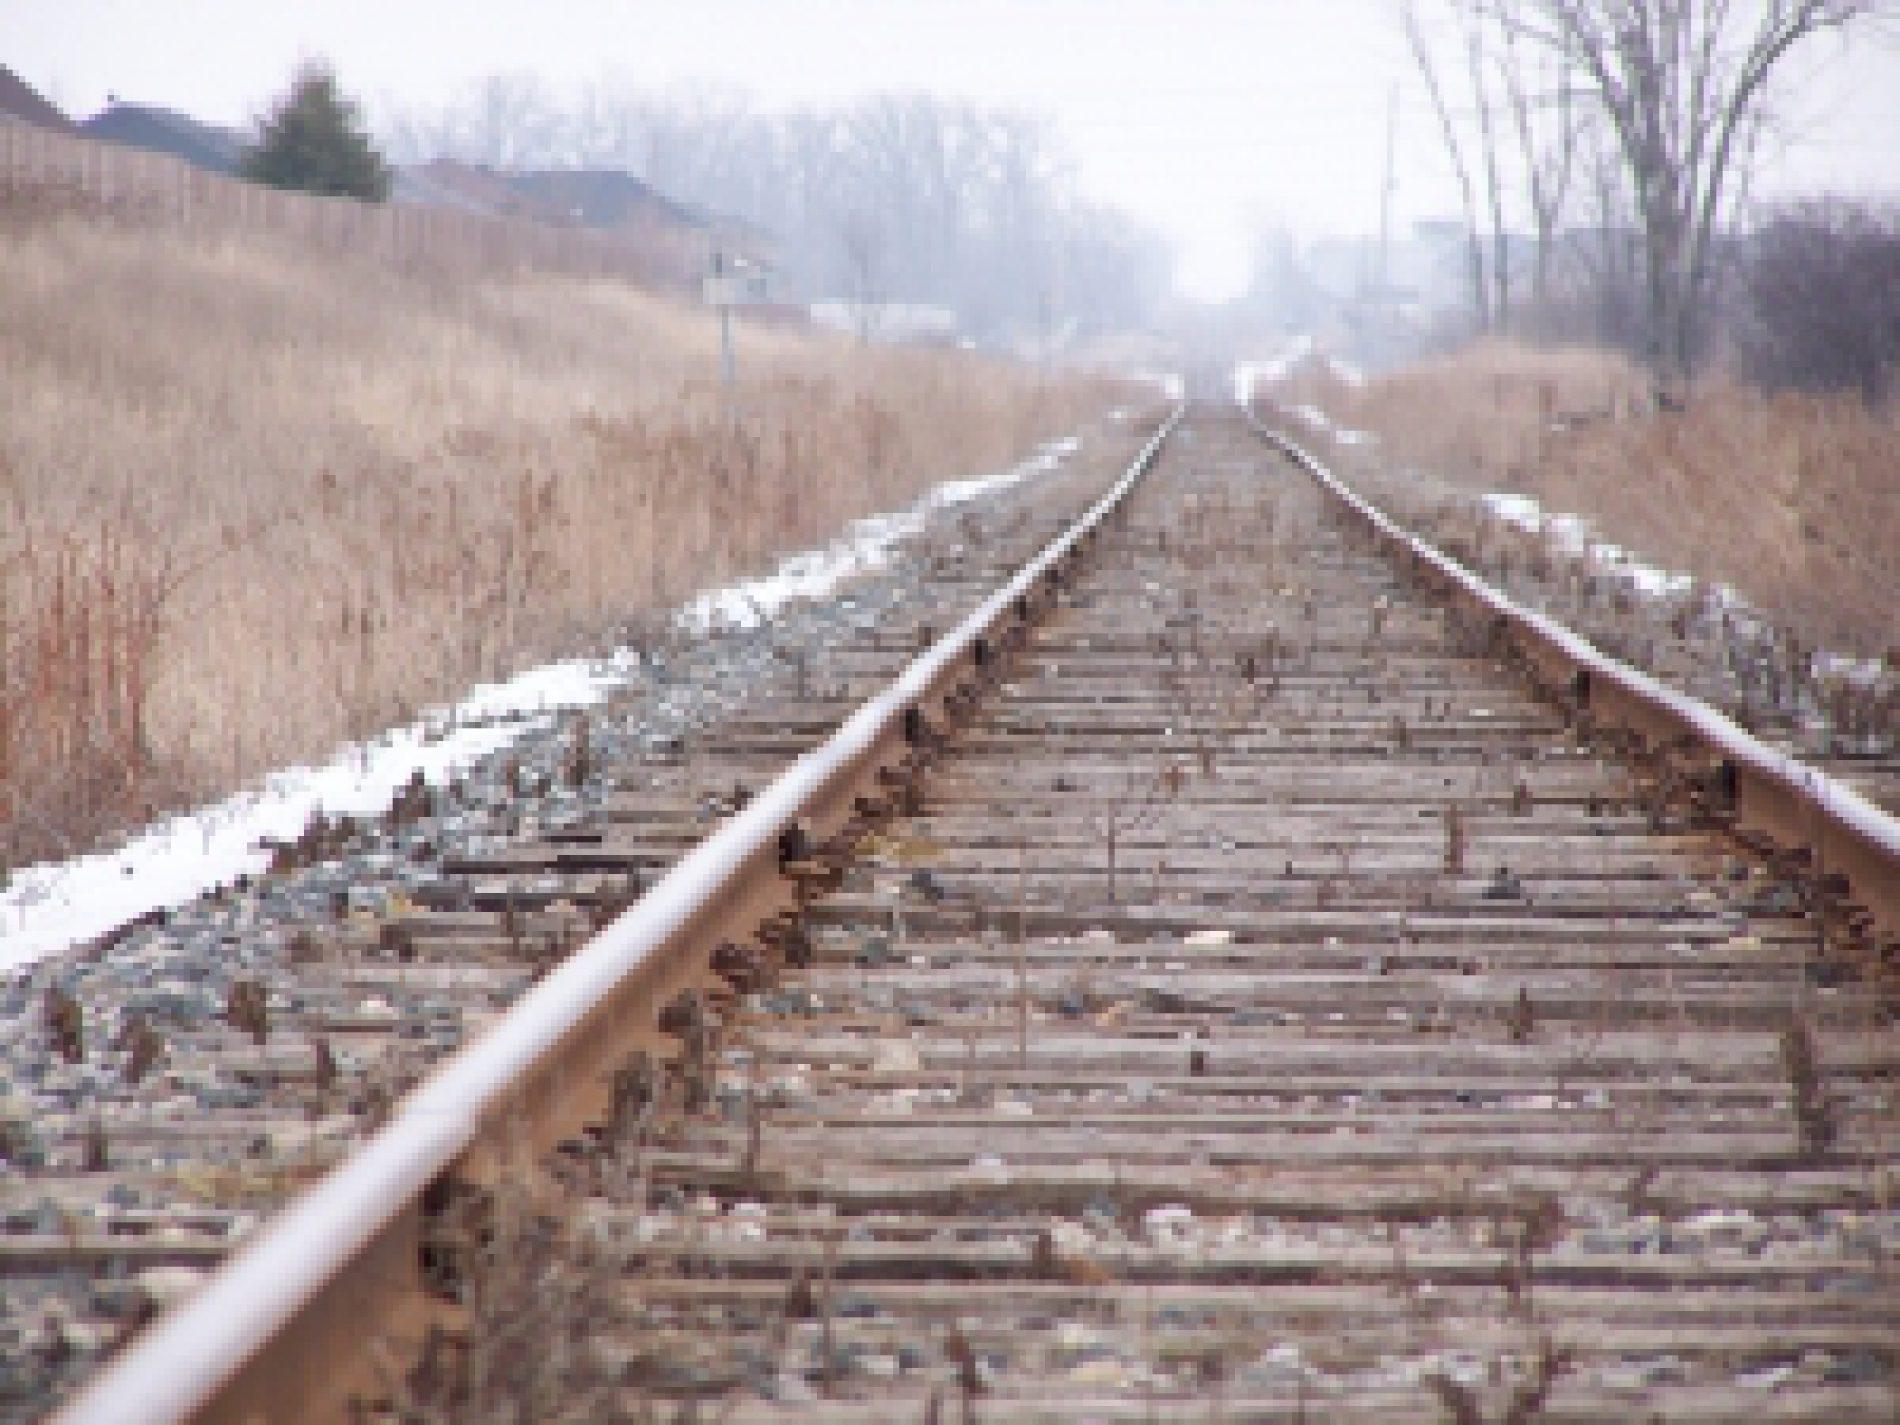 Prywatny przewoźnik uruchamia nowe połączenia kolejowe